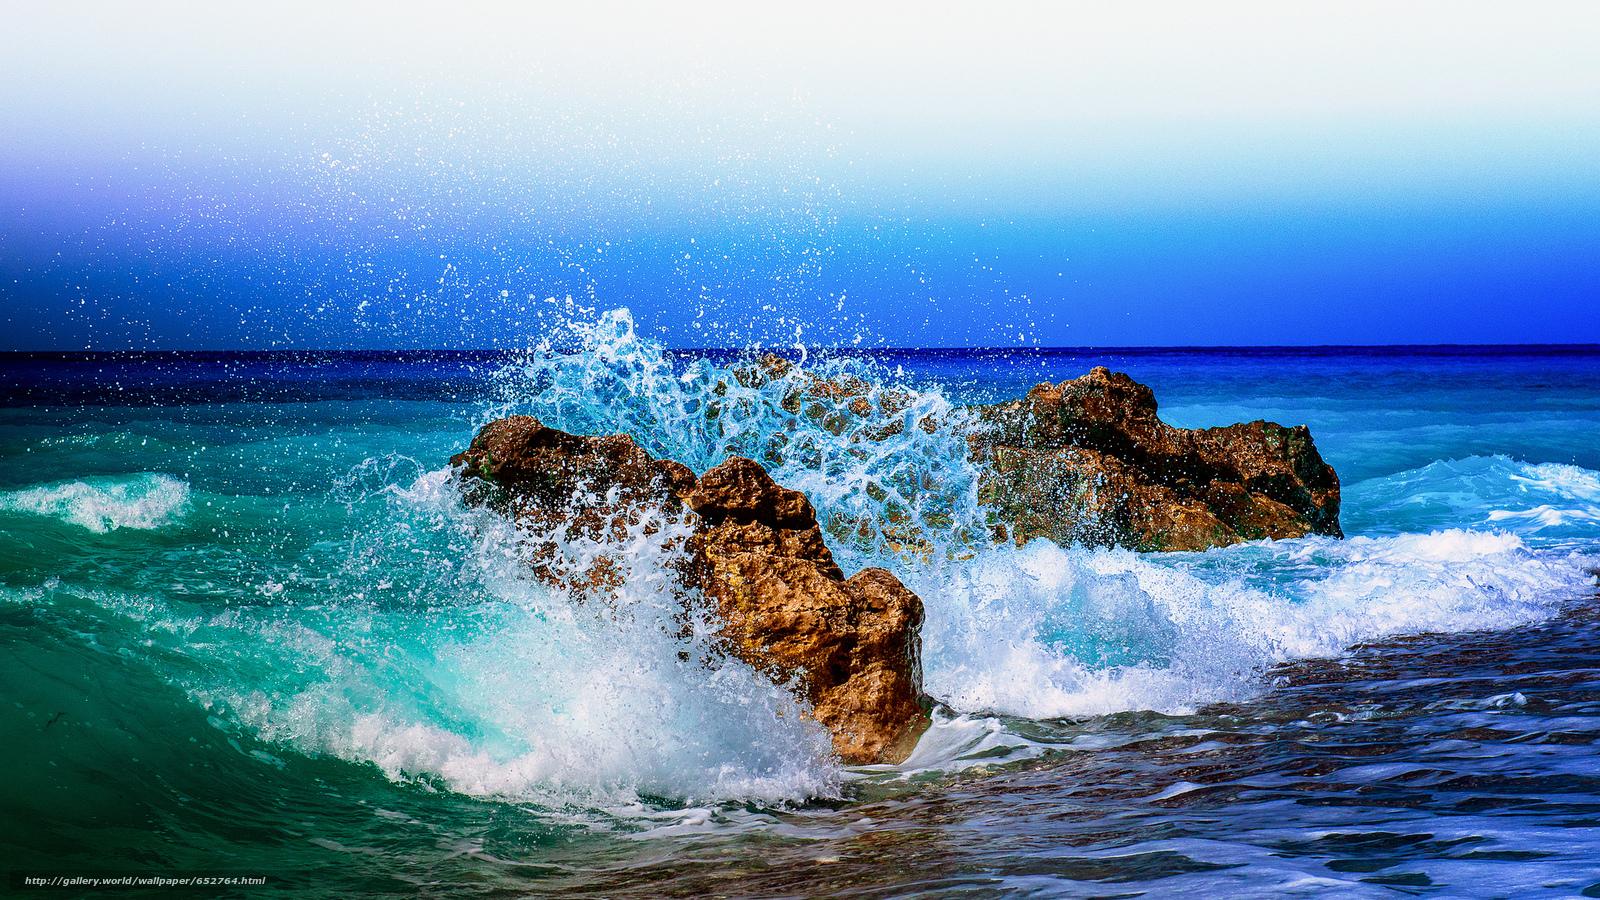 Скачать обои закат,  море,  волны,  берег бесплатно для рабочего стола в разрешении 2048x1152 — картинка №652764